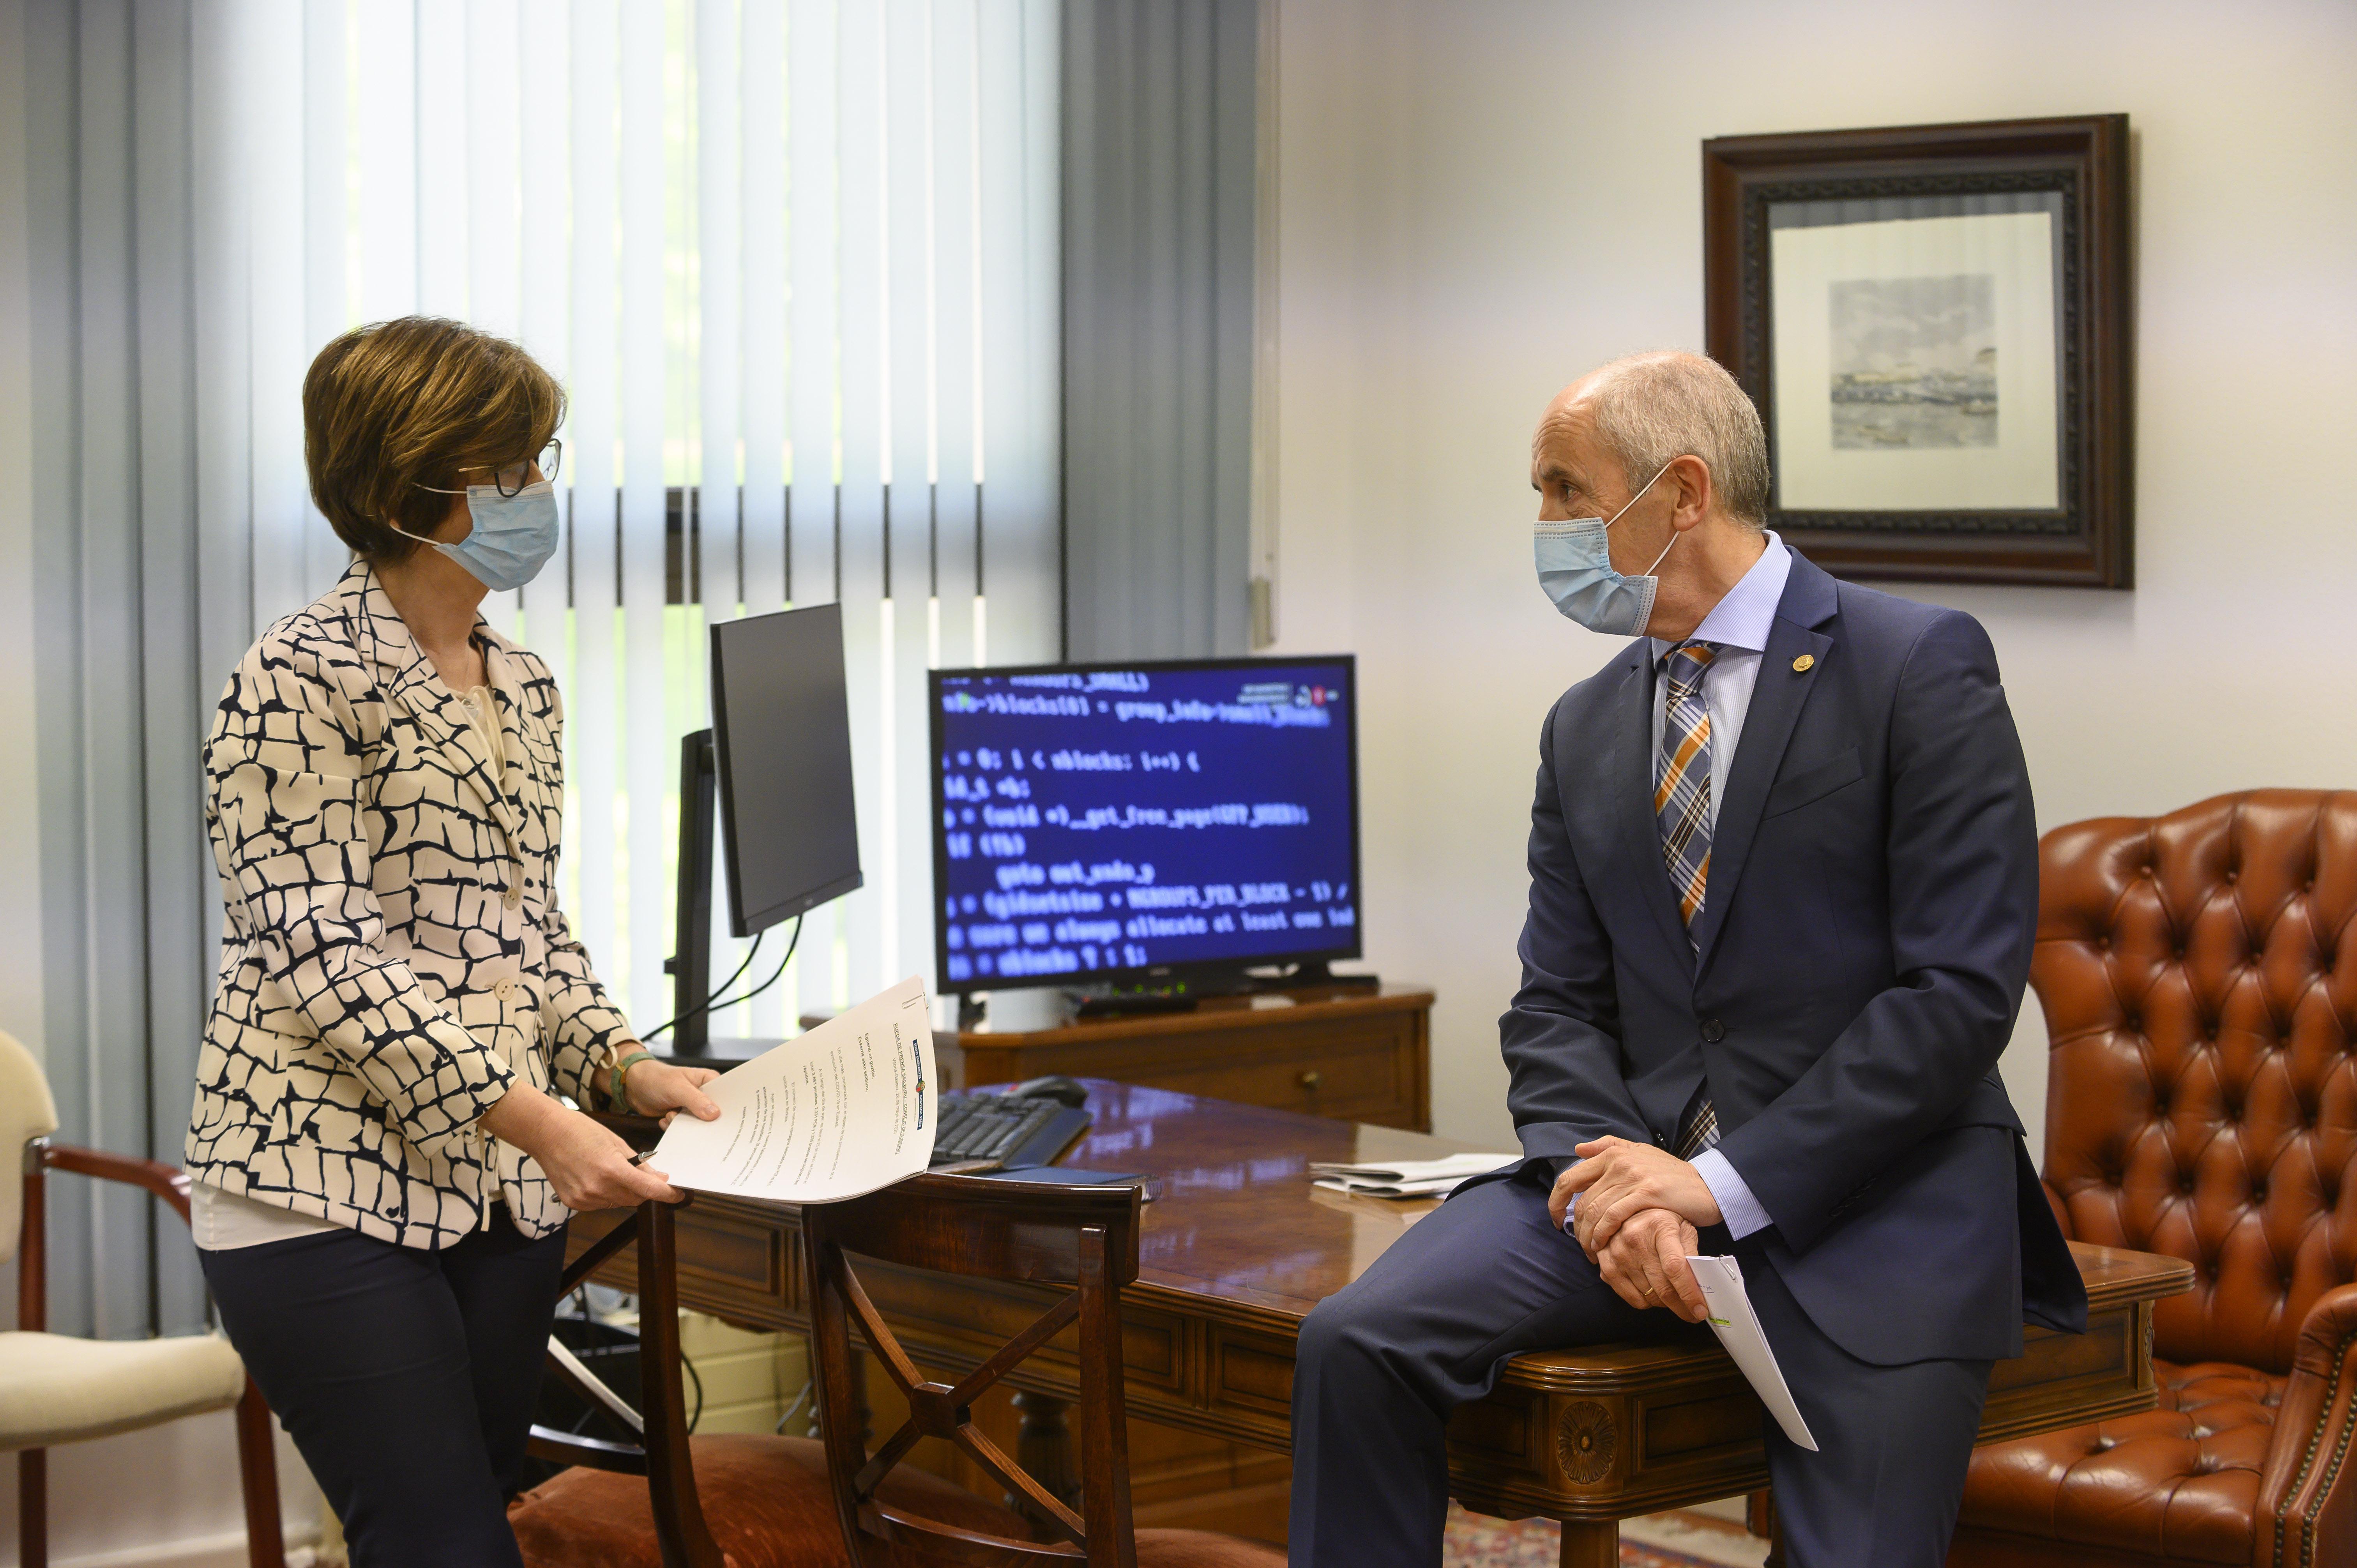 Eusko Jaurlaritzak eta Espainiako Gobernuak Transferentzien Batzorde Mistoa egingo dute ekainean hiru gai eskualdatzeko [58:20]